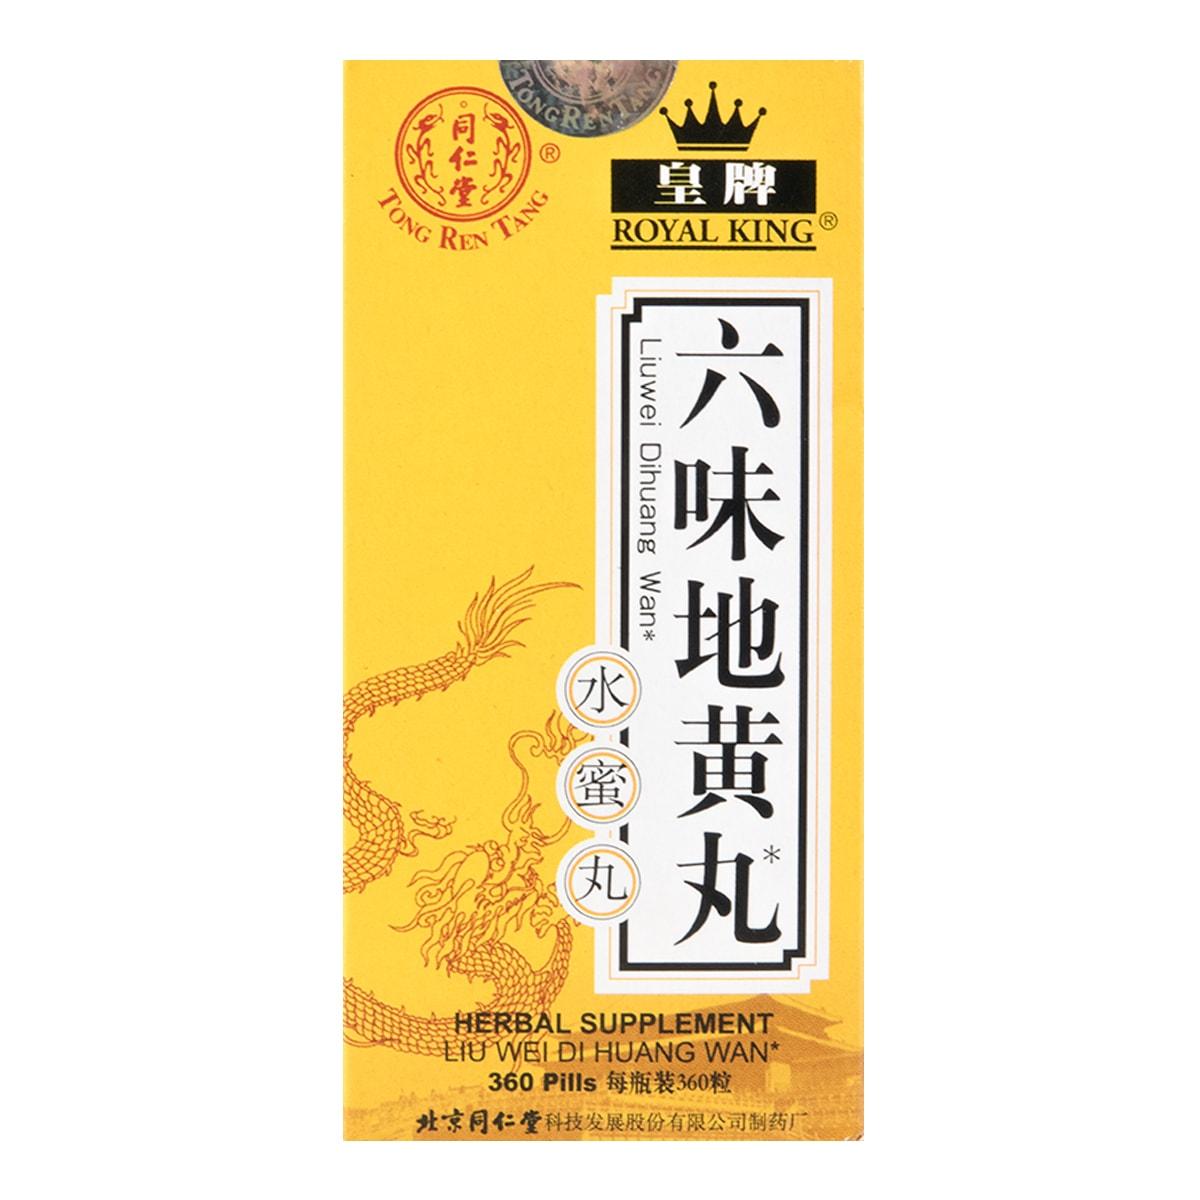 北京同仁堂  皇牌 六味地黄丸 水蜜丸 360粒  72g